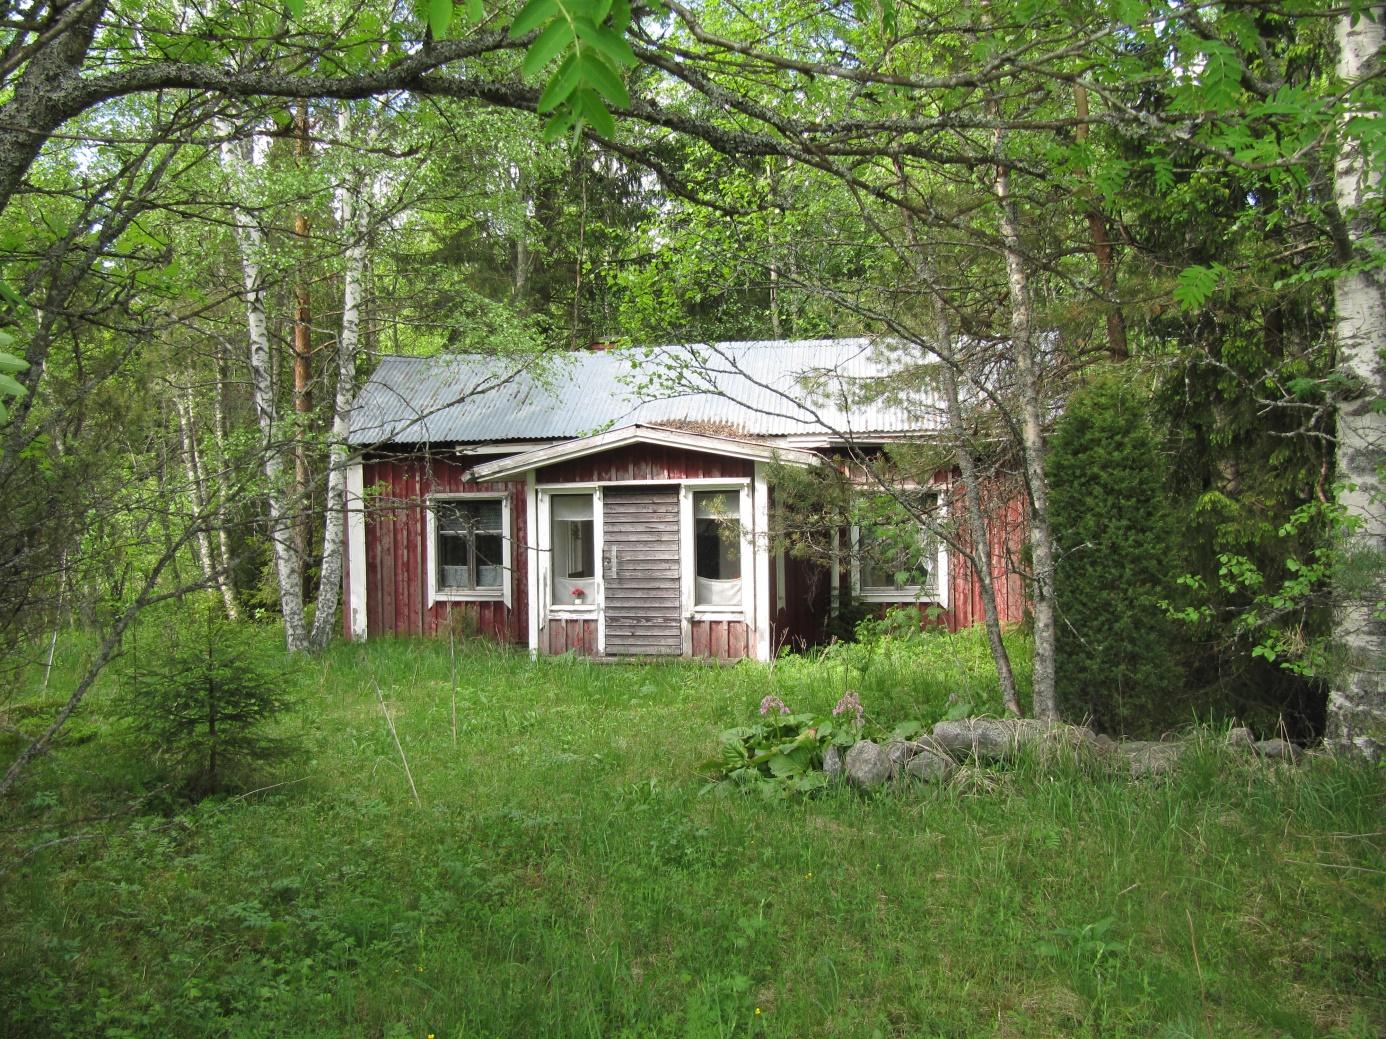 Trots att Rosenlunds gård ligger nära Dagsmarkvägen, så är den knappt synlig på grund av den täta vegetationen. Detta foto togs 2013 från landsvägen.